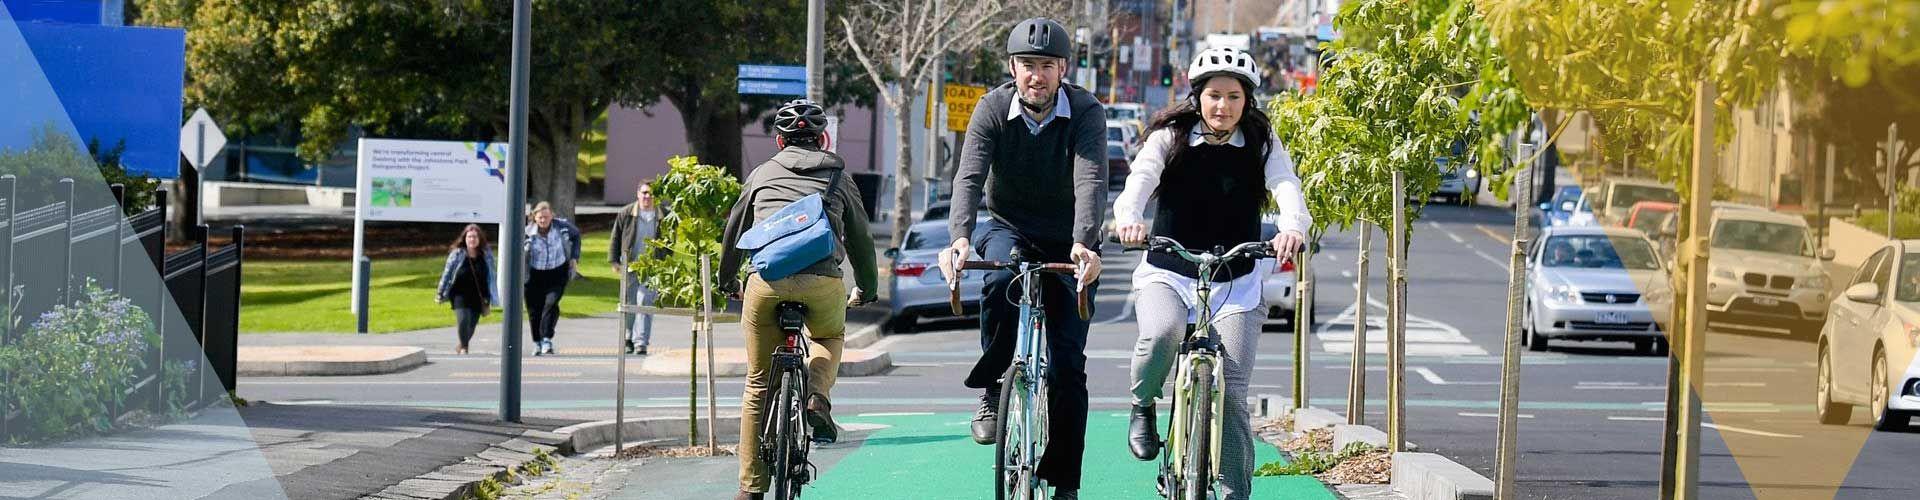 Walking and bike riding hub Image